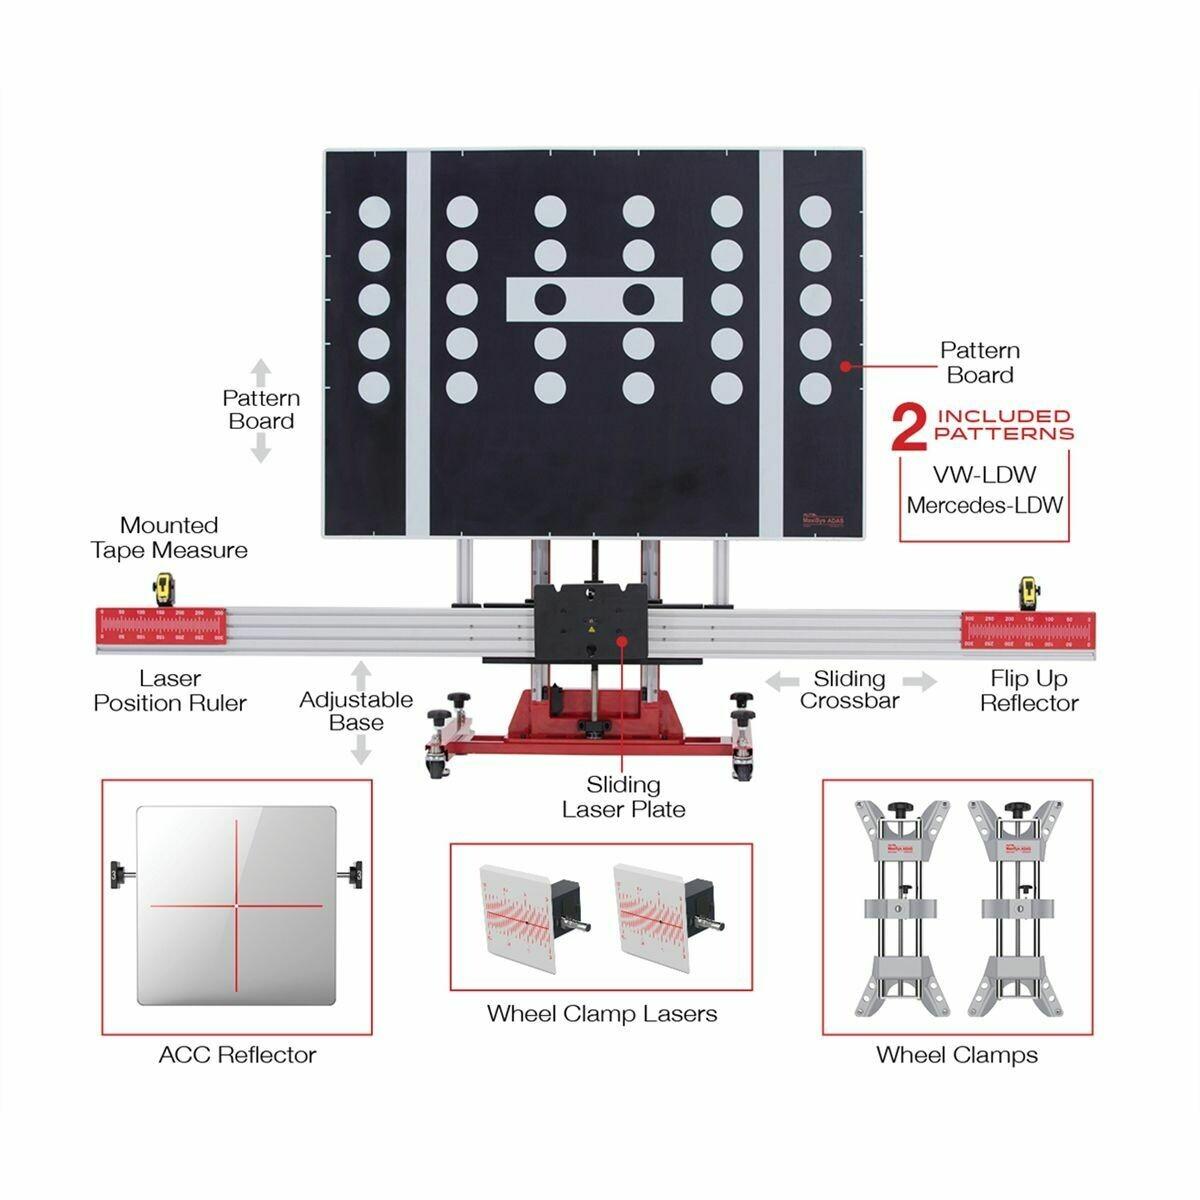 AUTEL ADAS Standard Calibration Package